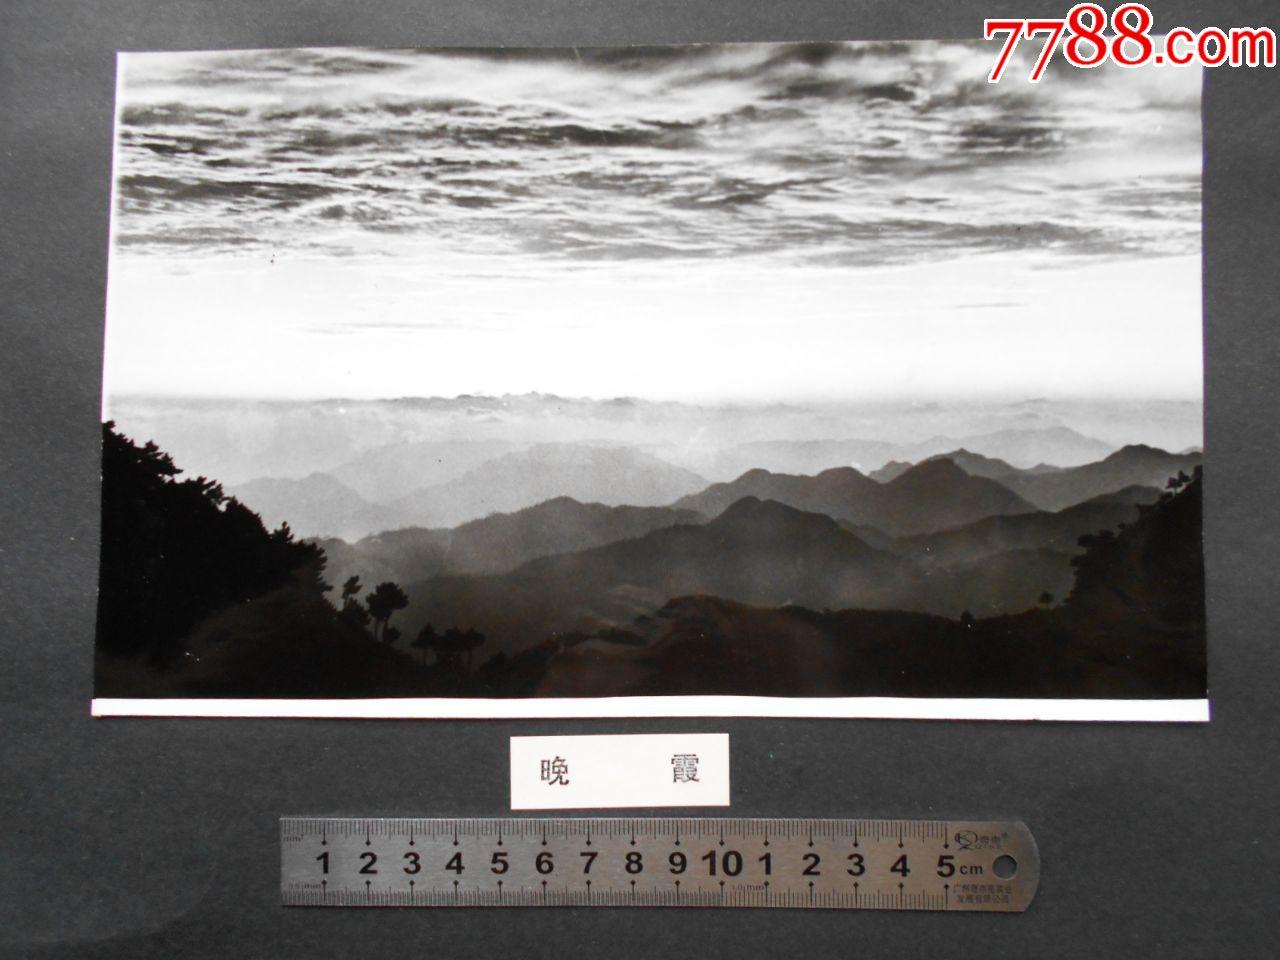 老照片【80年代,中国名山风景,黑白艺术照片,49张】